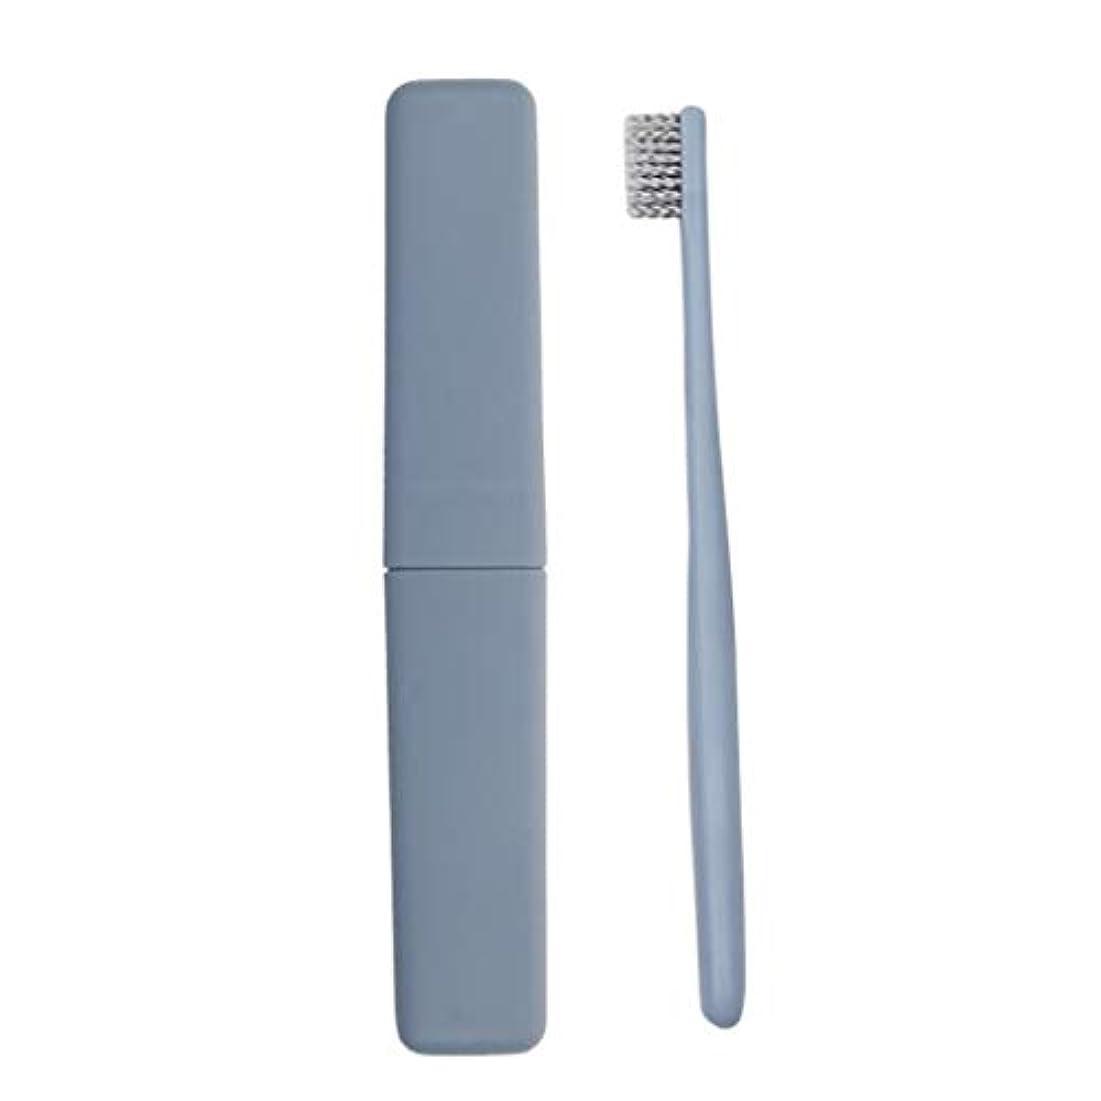 不完全なごめんなさい申し立てる12パック手動歯ブラシソフトアダルトディープクリーニング歯ブラシカバー旅行ポータブル使い捨て歯ブラシ (色 : 青)